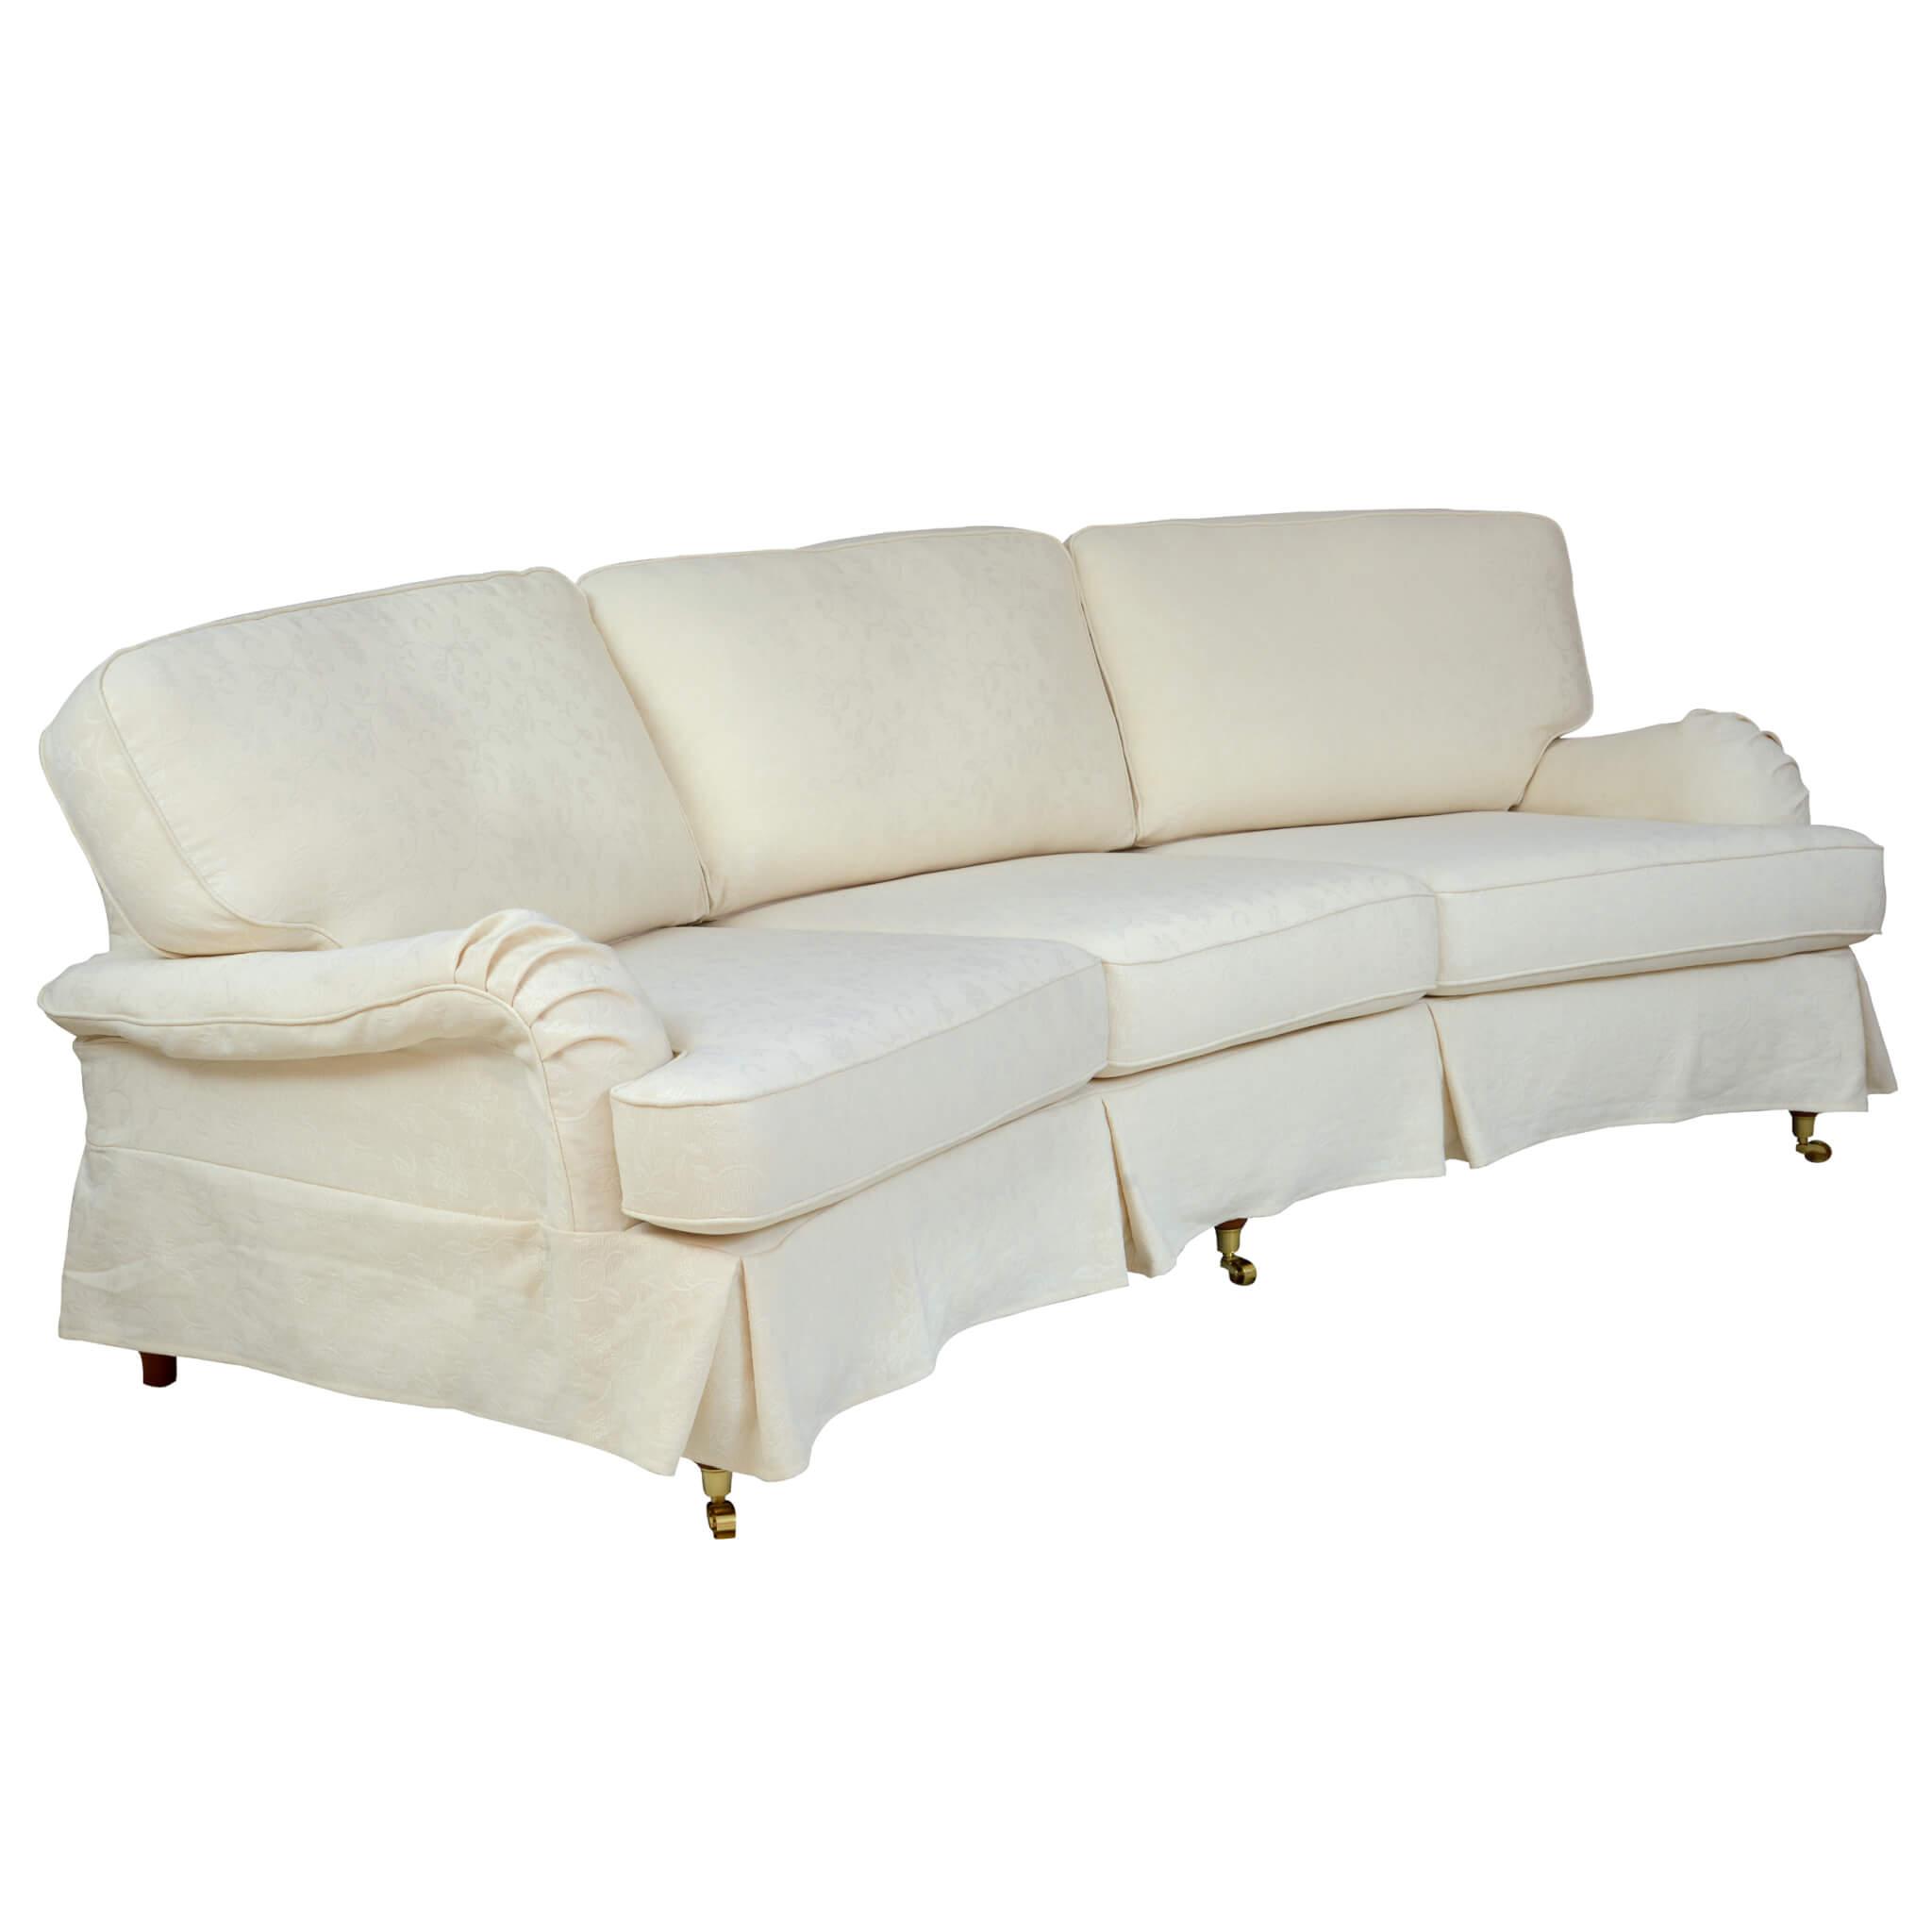 sofas birmingham sofa shampoo cleaning hyderabad 3 sitzer geschwungen mit husse phönix